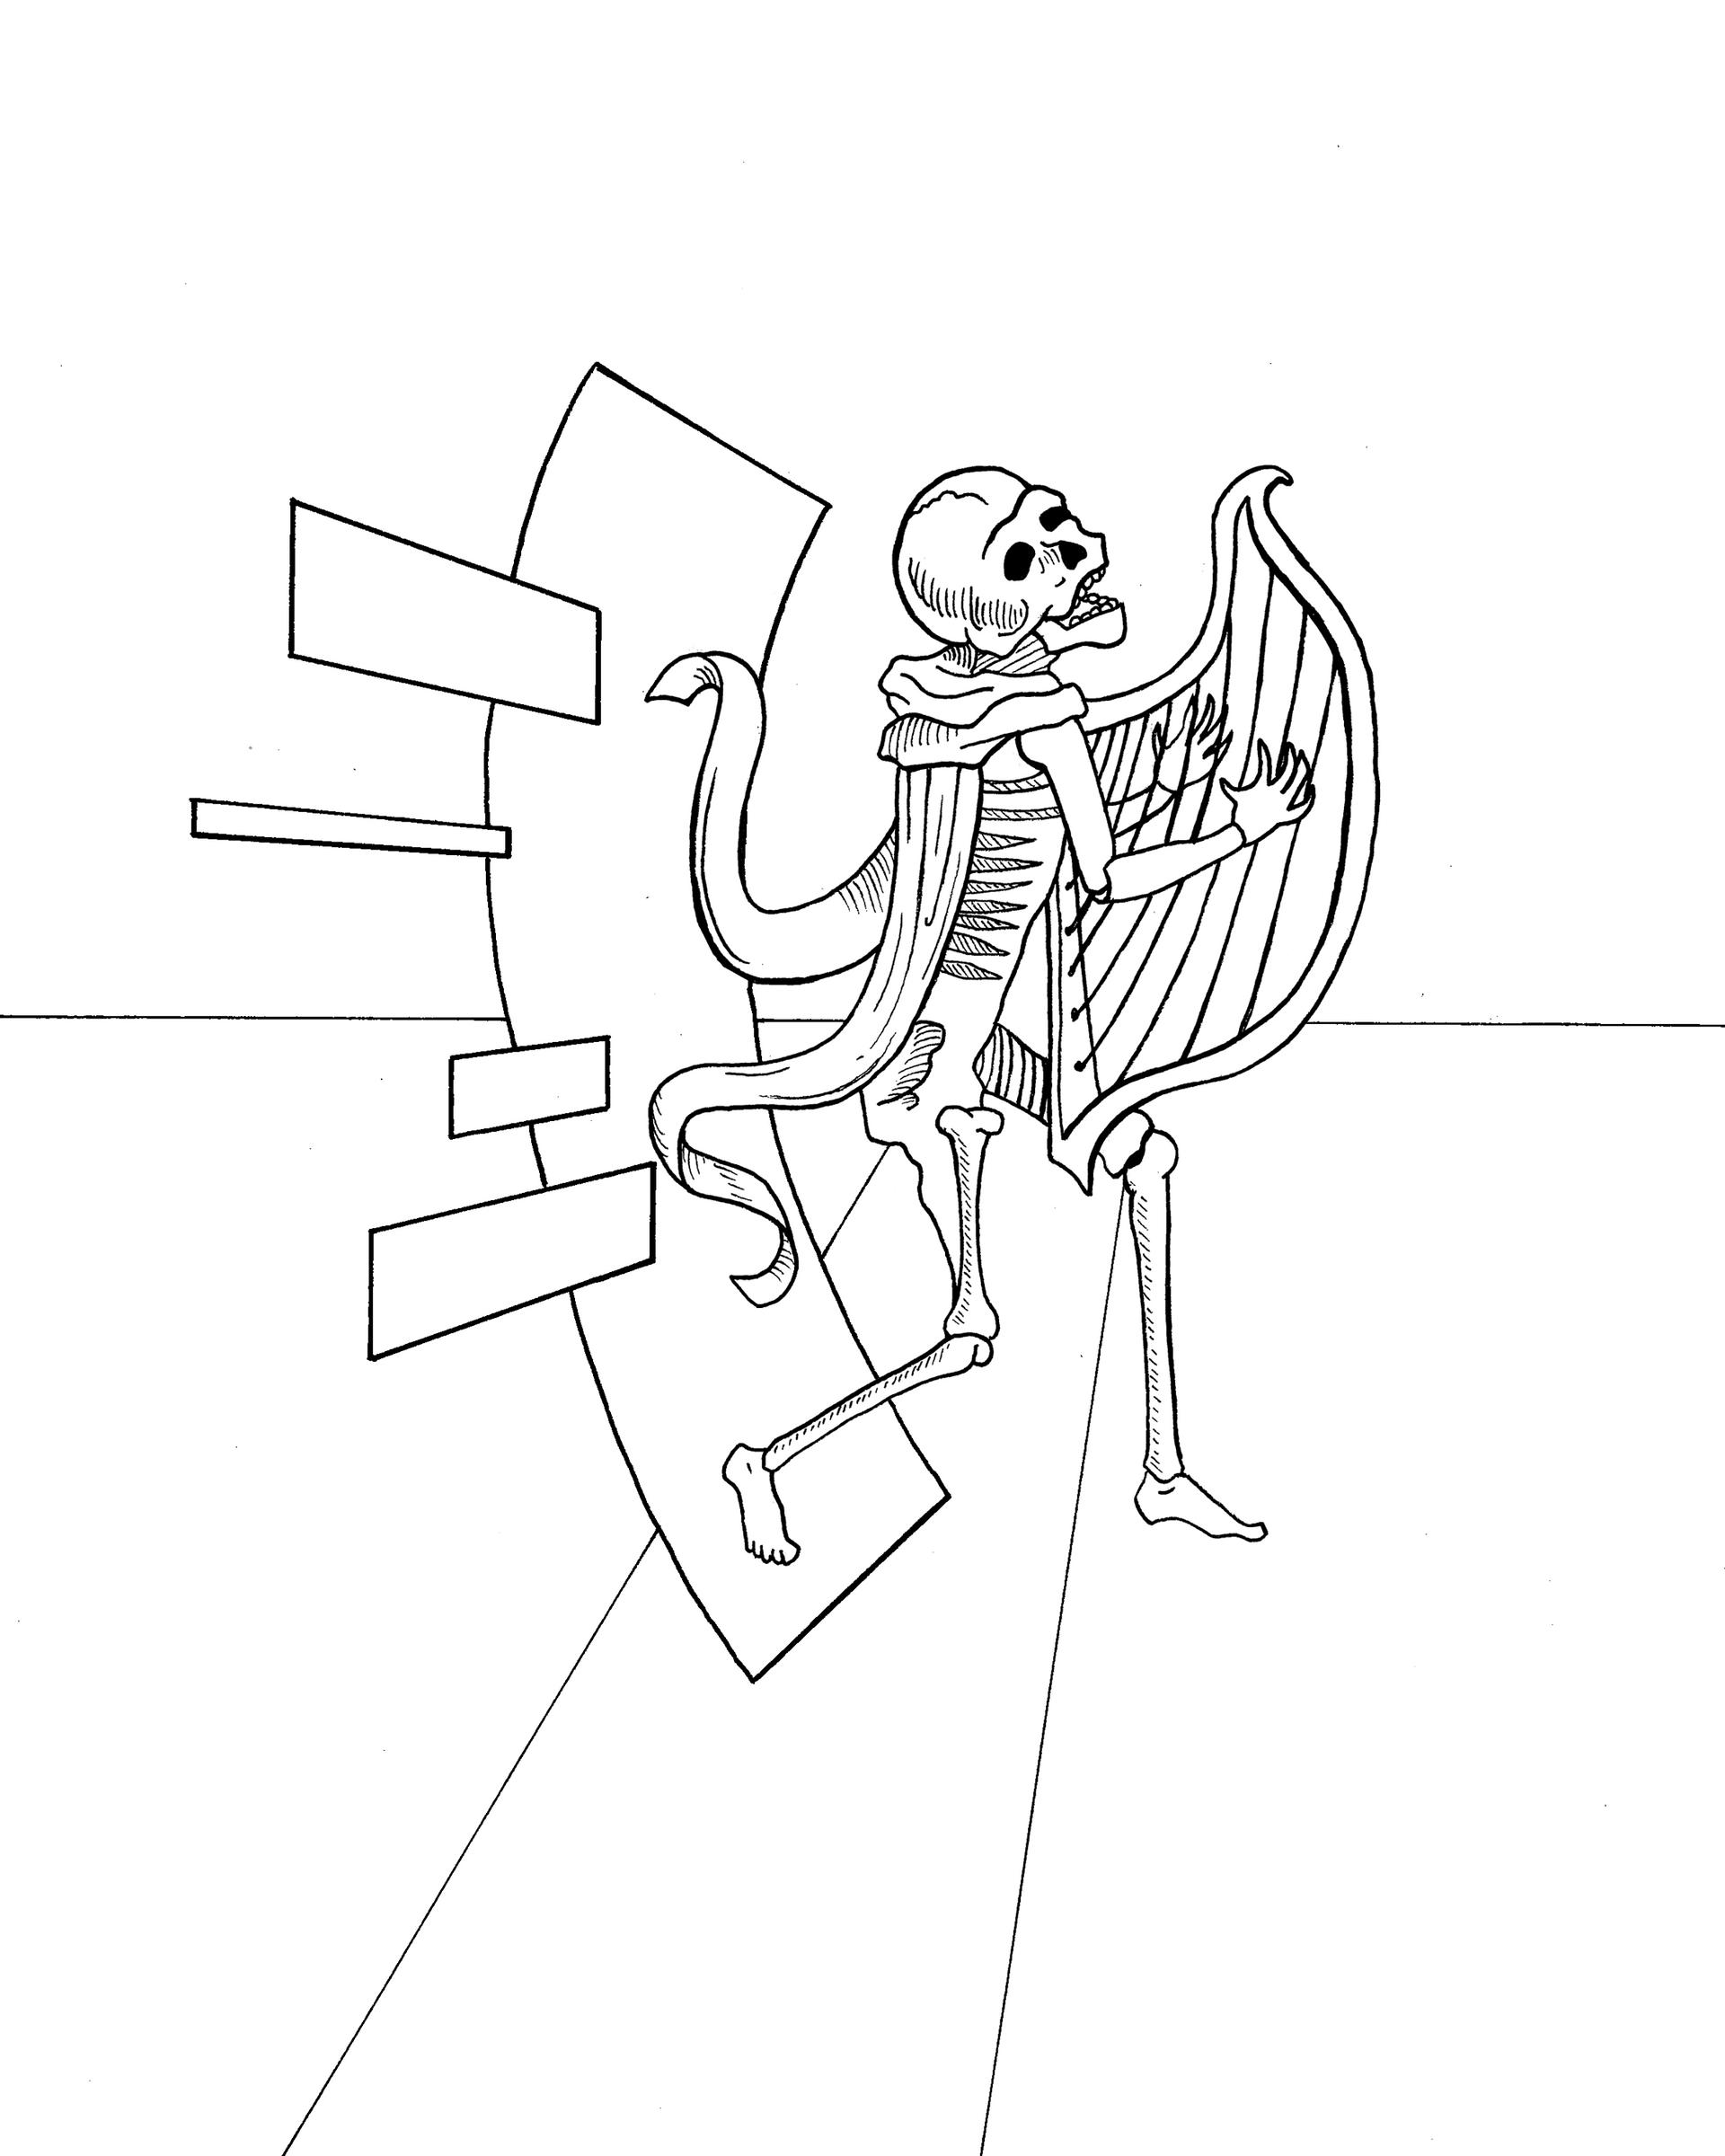 Skeleton 1.png